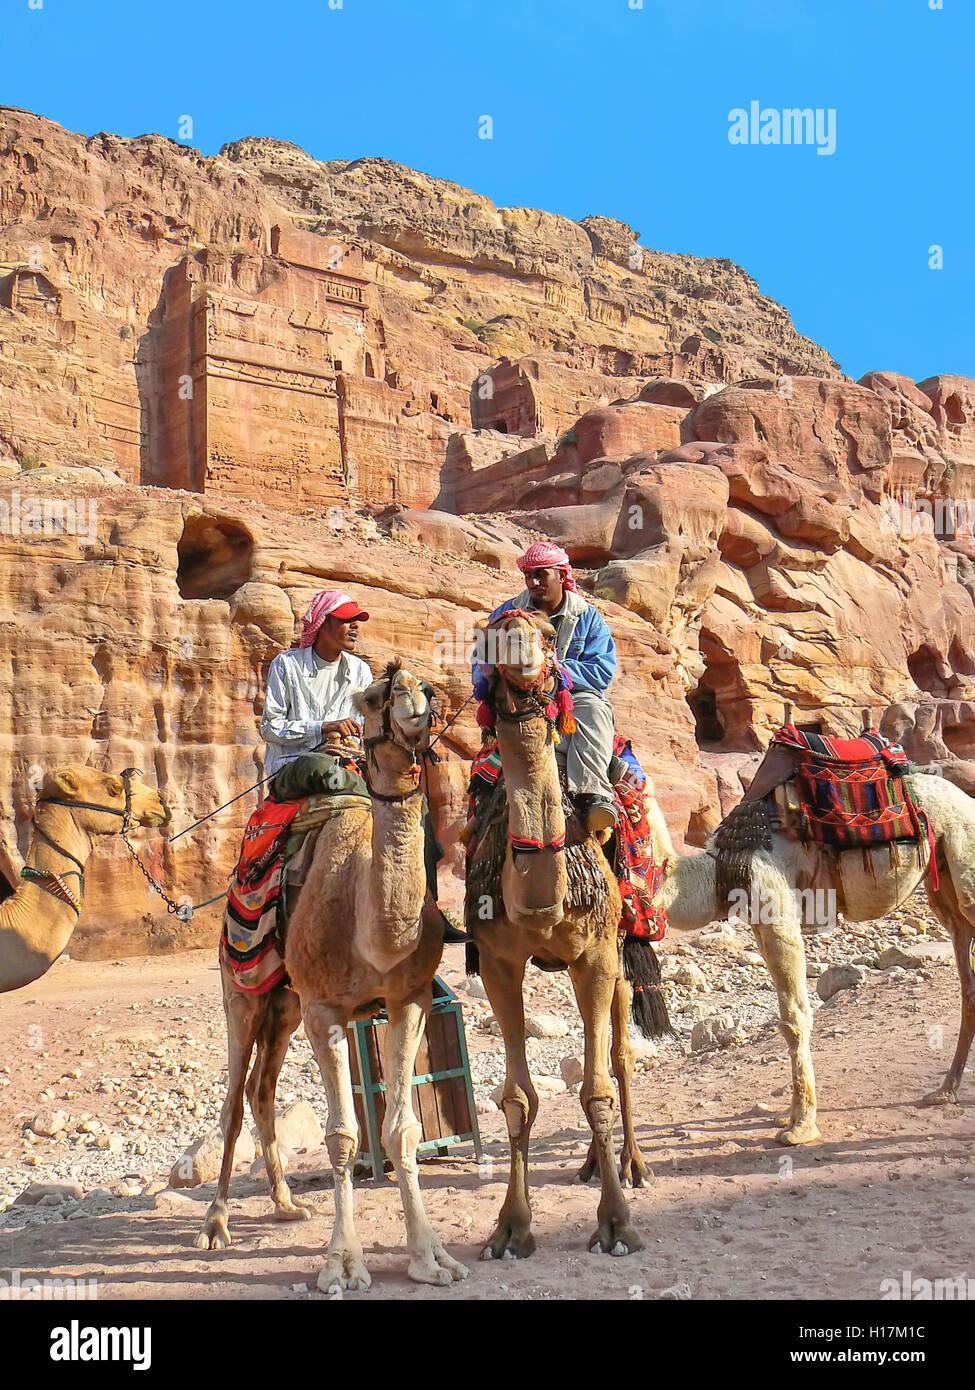 Turistica di cammelli a Petra, Giordania Immagini Stock